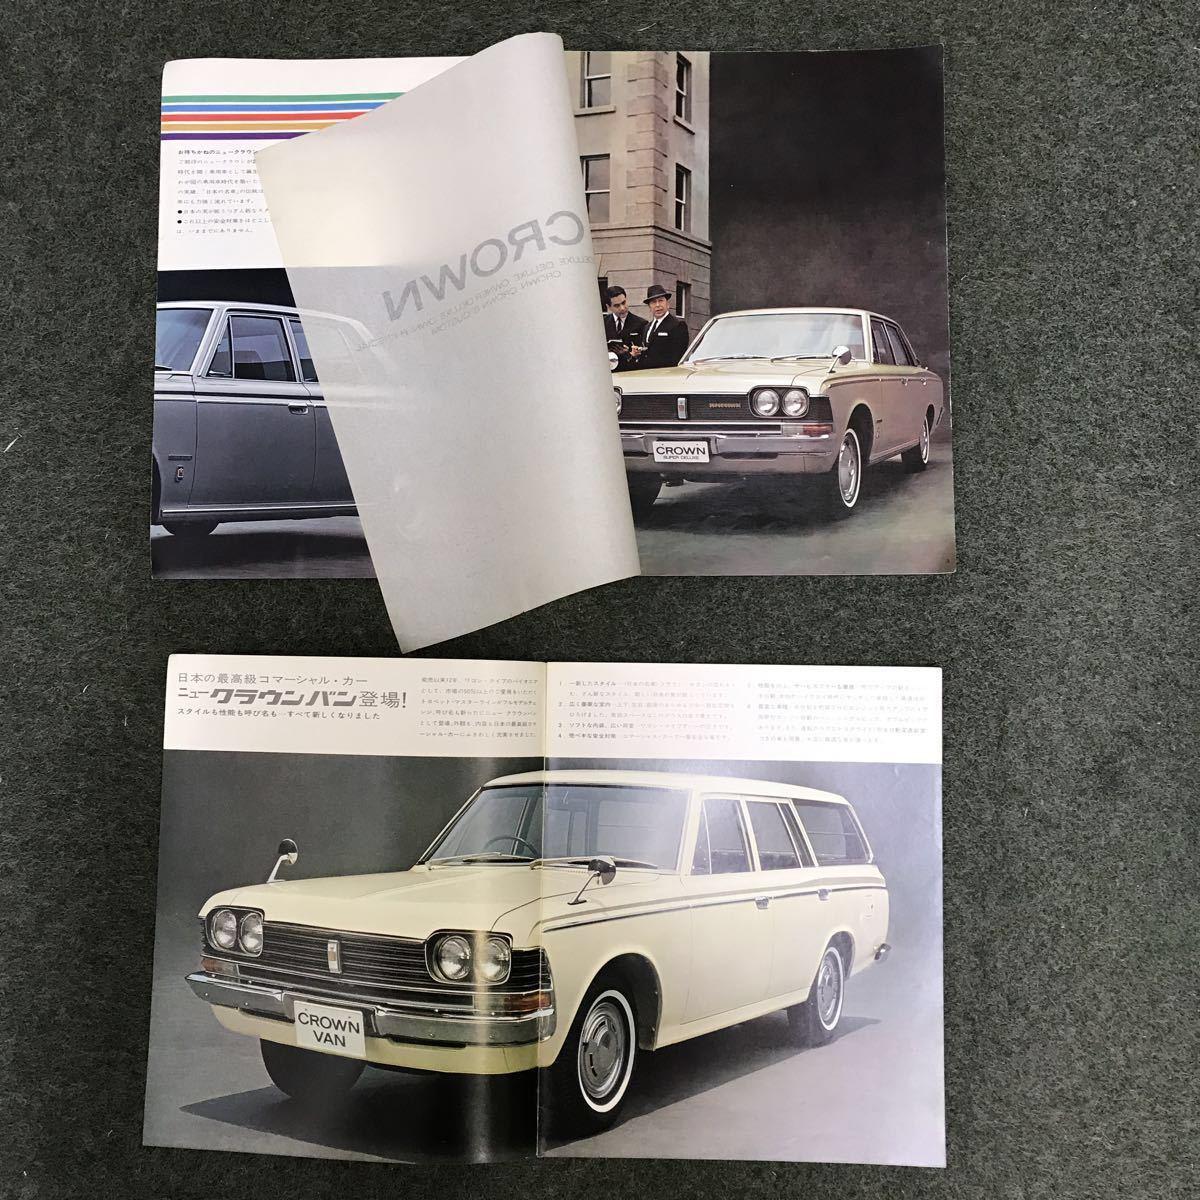 トヨタ CROWN CROWN VAN 古いカタログセット_画像4